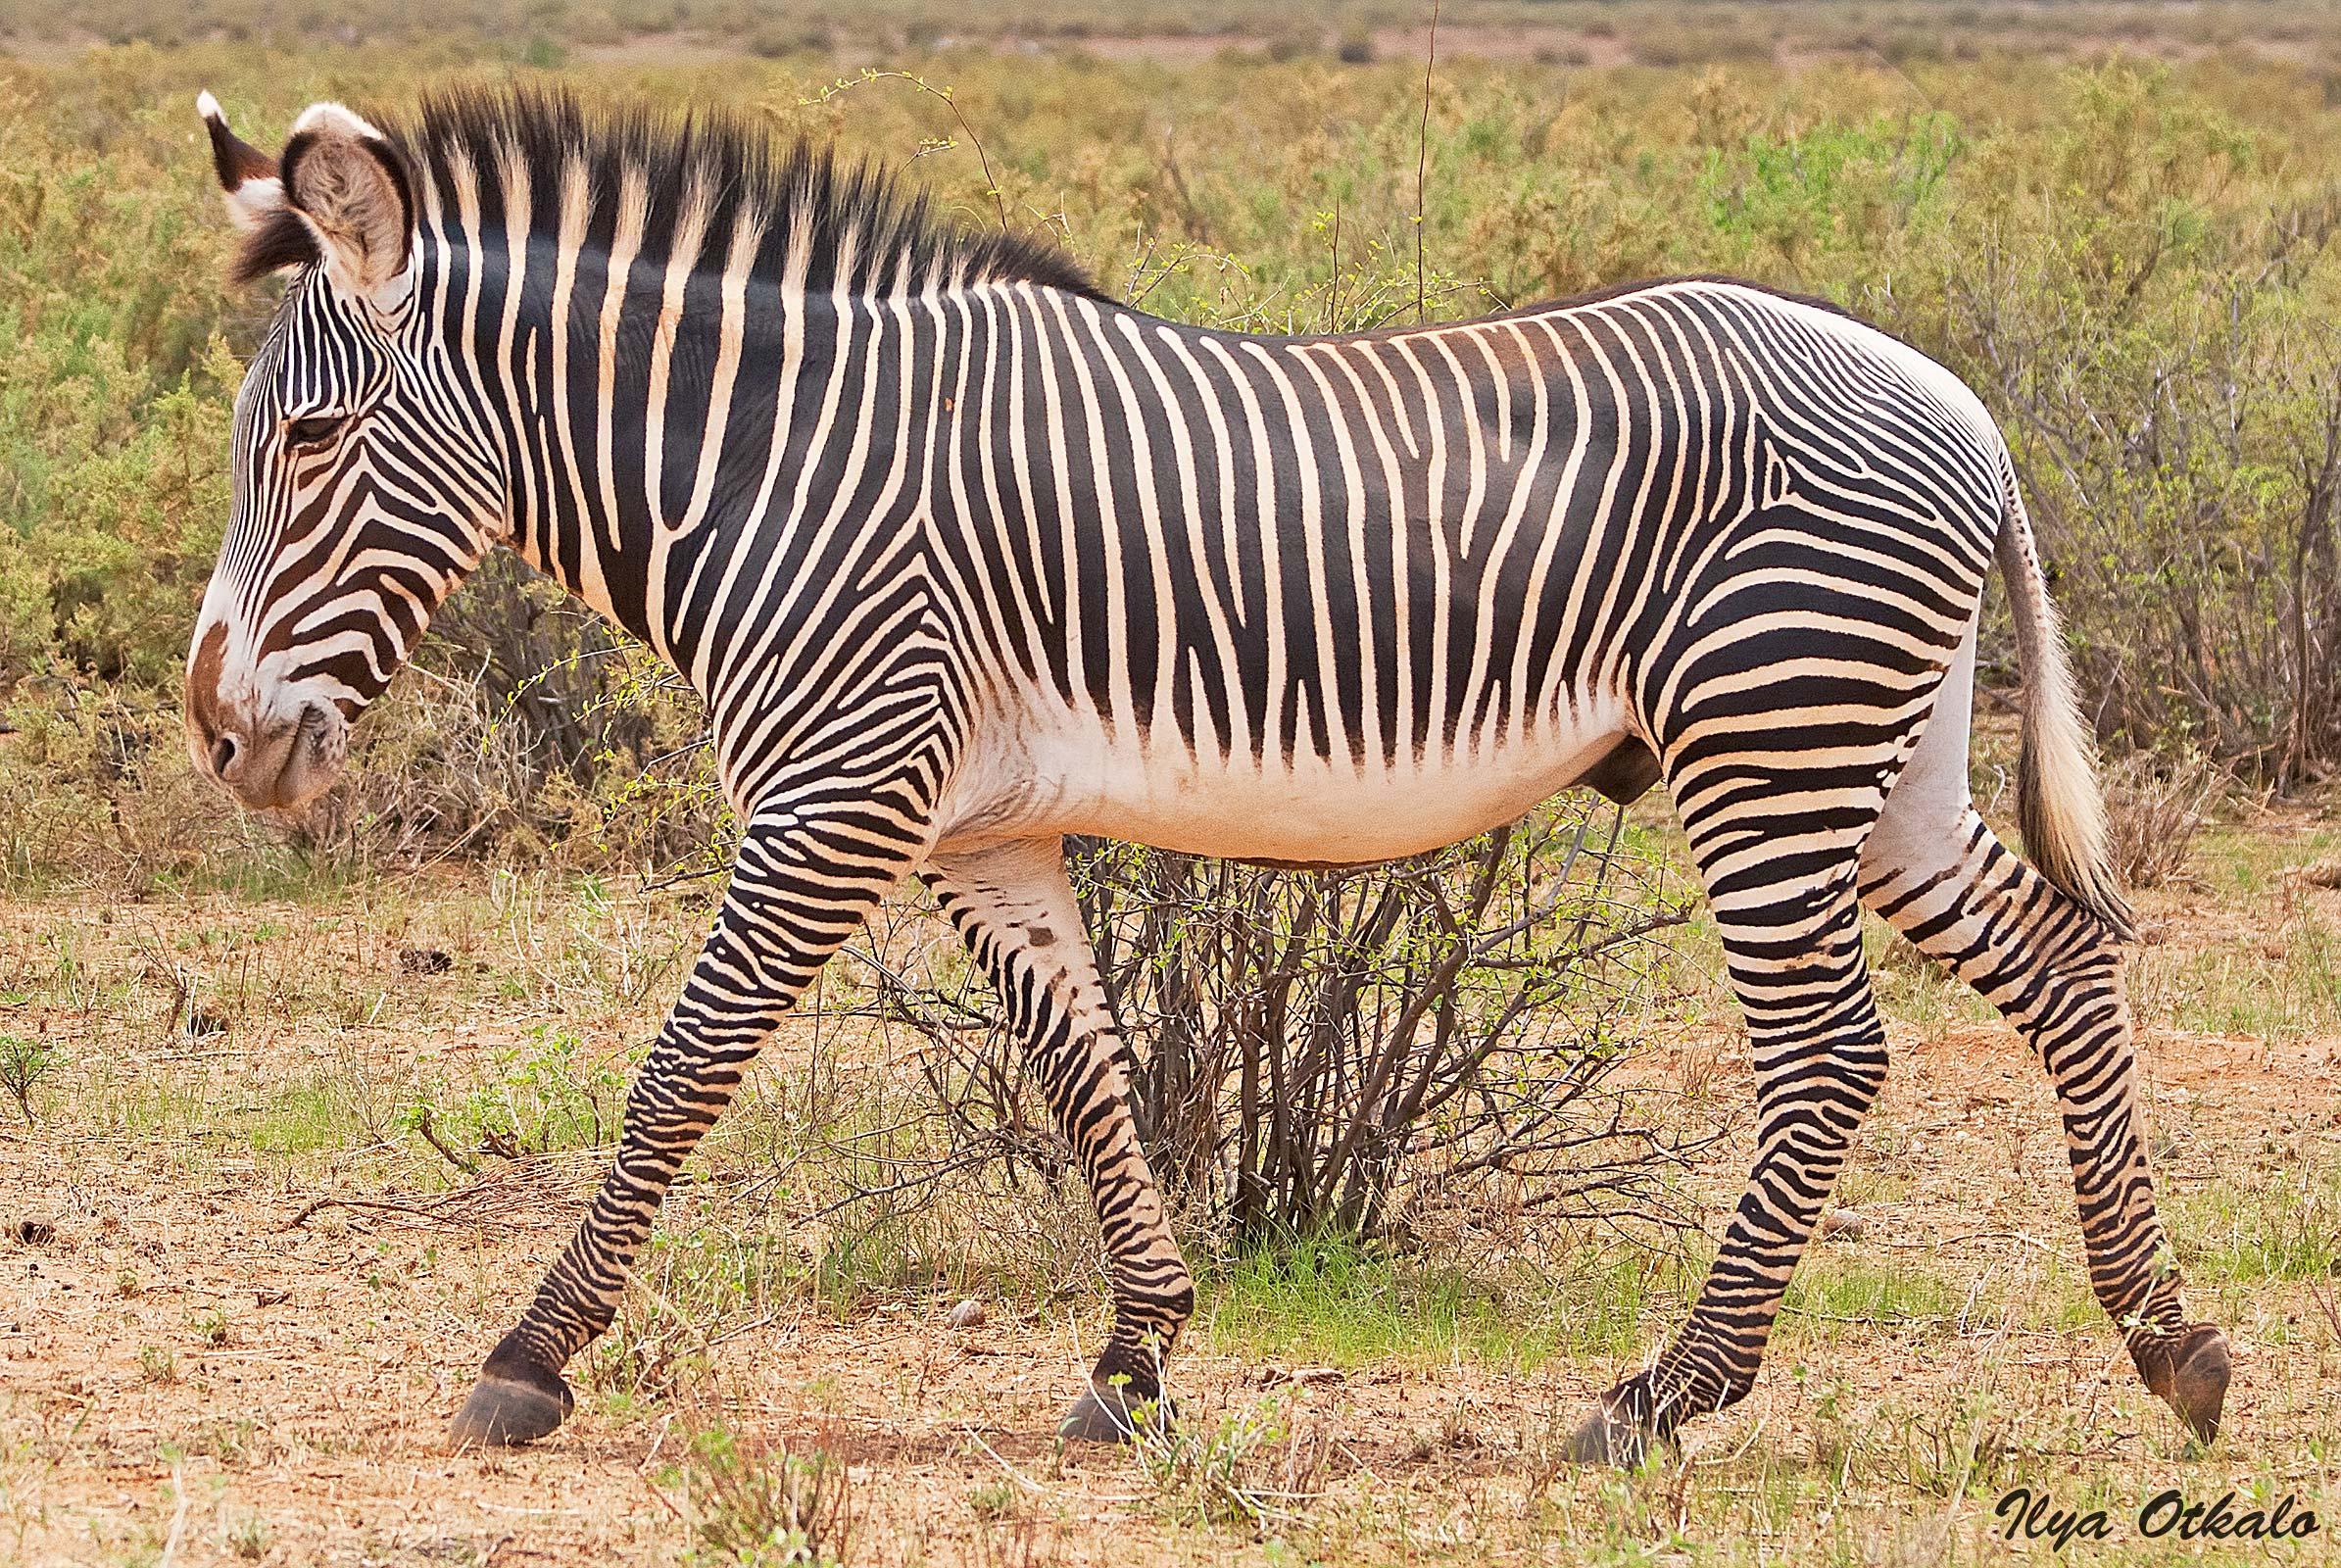 Кения, Национальный парк - заповедник Самбуру. Зебра Греви.